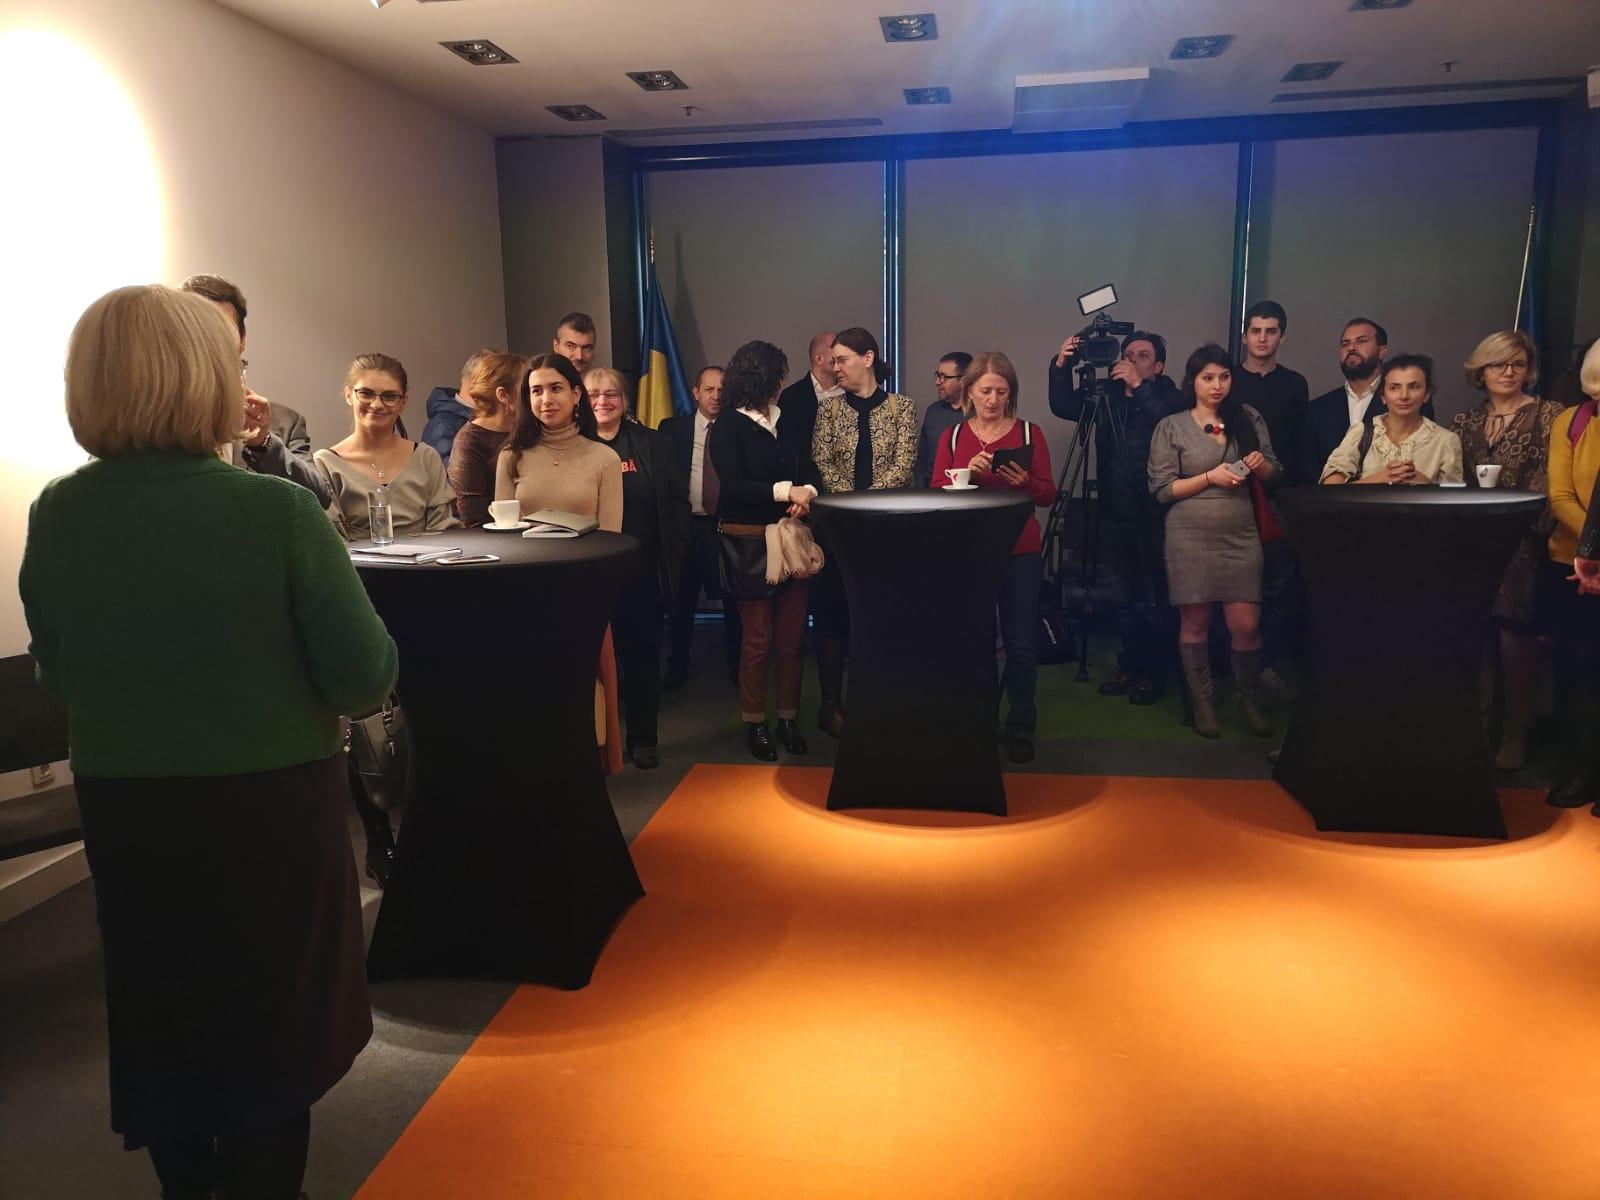 A pressHUB market indulása idején tartott sajtótájékoztató